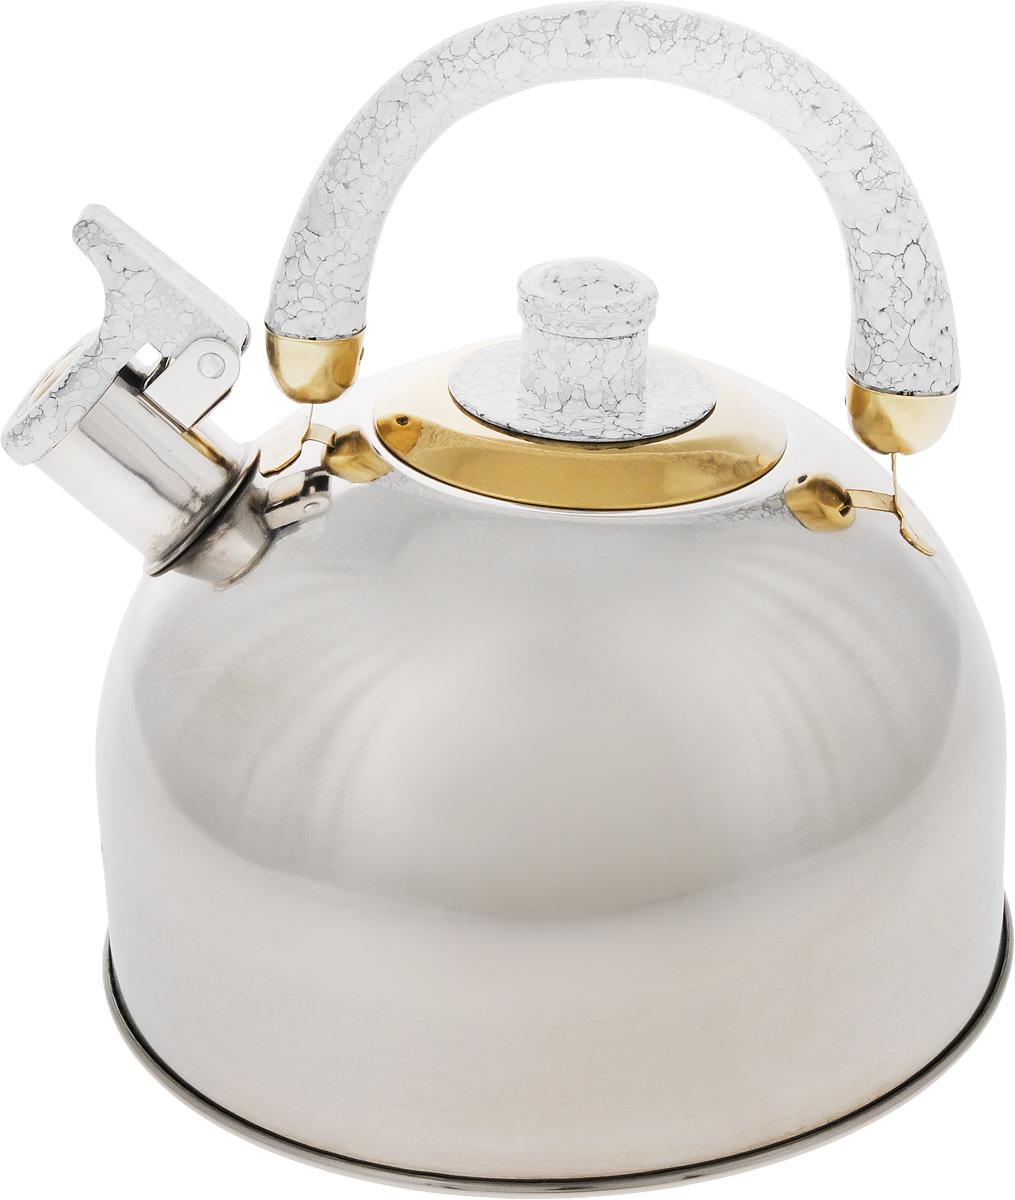 Чайник Mayer & Boch, цвет: стальной, белый, золотой, 4 л. 1046A1046A_стальной, белый, золотойЧайник Mayer & Boch изготовлен из высококачественной нержавеющей стали с зеркальной полировкой, что делает его весьма гигиеничным и устойчивым к износу при длительном использовании. Гладкая и ровная поверхность существенно облегчает уход за посудой. Выполненный из качественных материалов чайник при кипячении сохраняет все полезные свойства воды. Носик чайника имеет откидной свисток, звуковой сигнал которого подскажет, когда закипит вода. Крышка, свисток и ручка выполнены из бакелита. Классический дизайн чайника Mayer & Boch дополнит любую кухню. Подходит для использования на всех типах кухонных плит, кроме индукционных. Высота чайника (с учетом ручки): 21 см. Высота чайника (без учета ручки и крышки): 12 см. Диаметр по верхнему краю: 8,5 см.